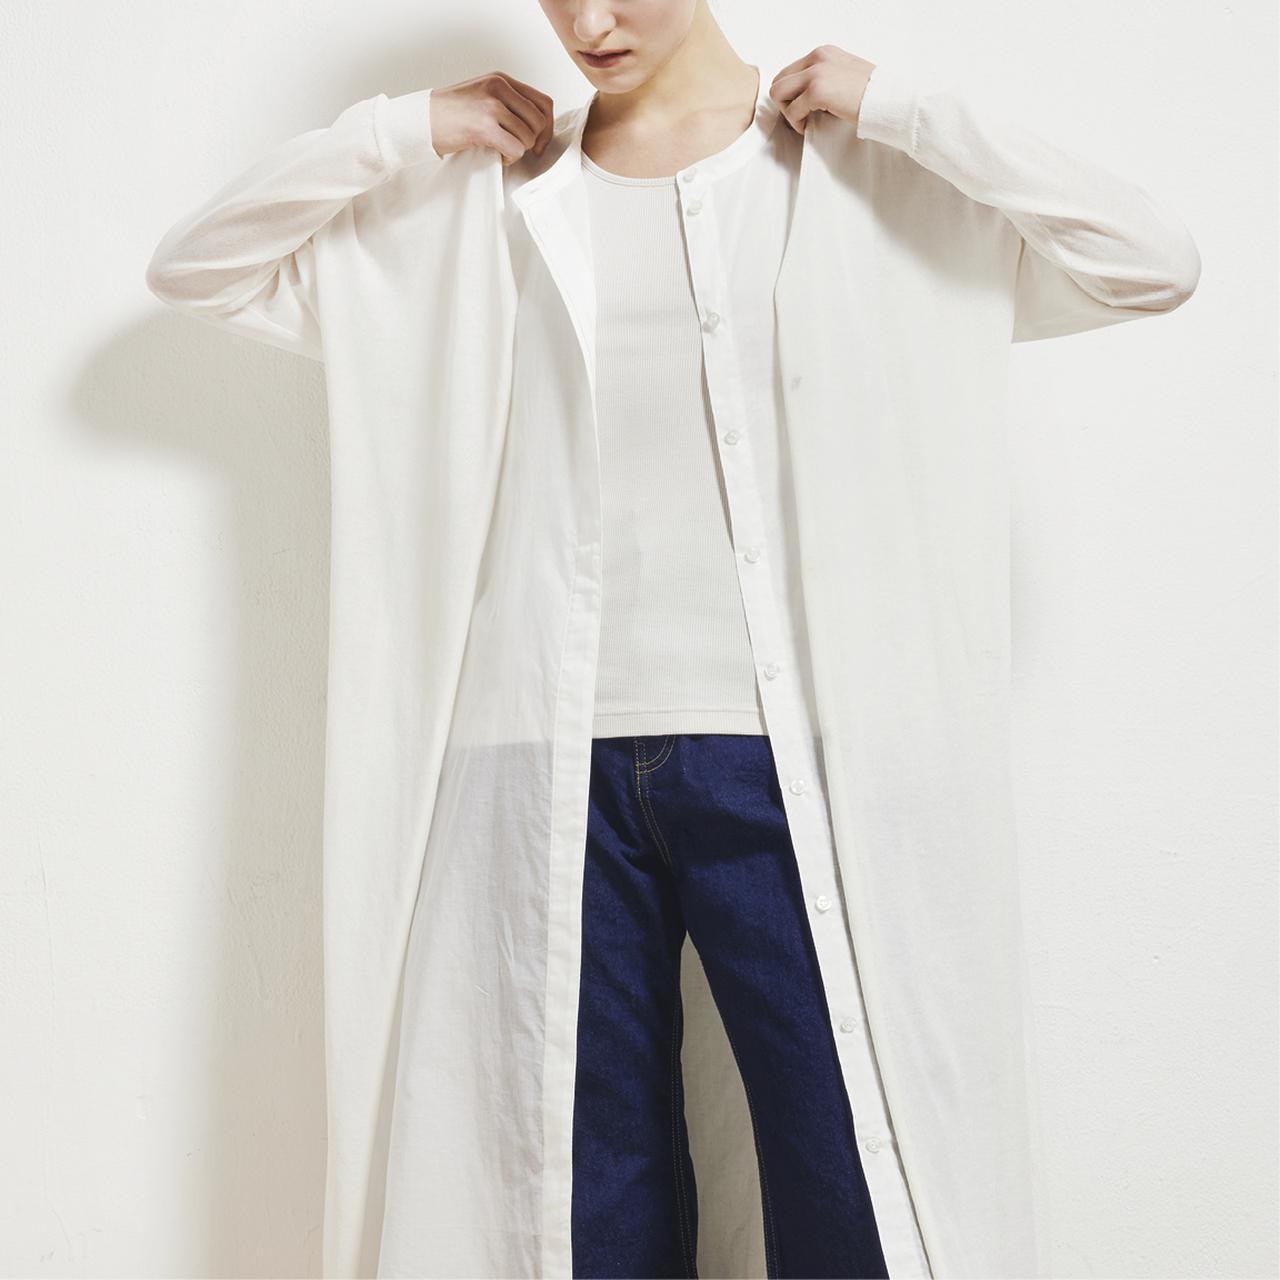 画像4: yueni新作スタイル